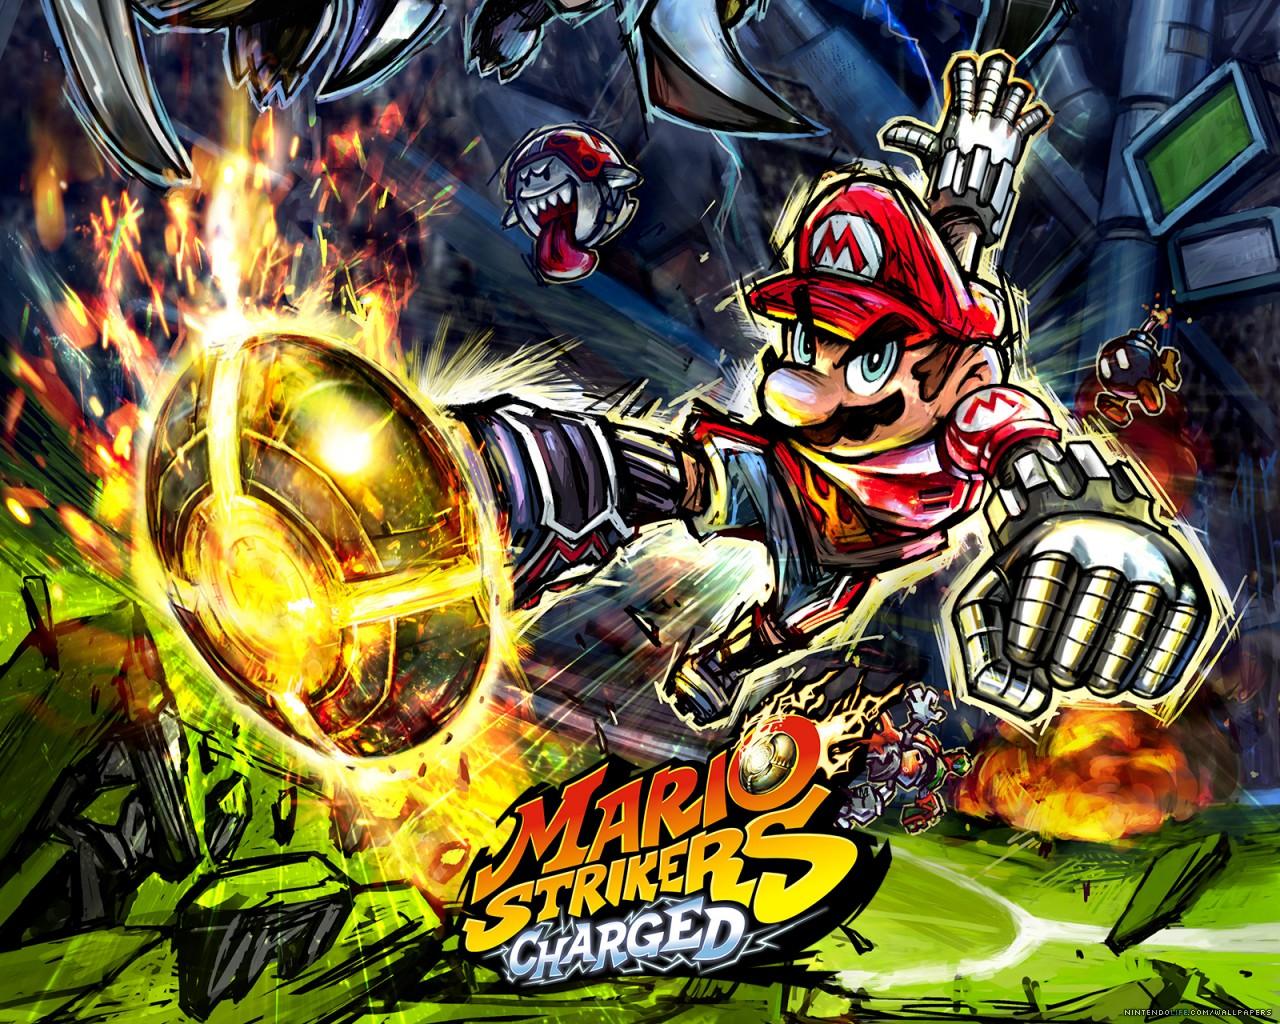 壁紙 マリオシリーズ ゲーム ダウンロード 写真